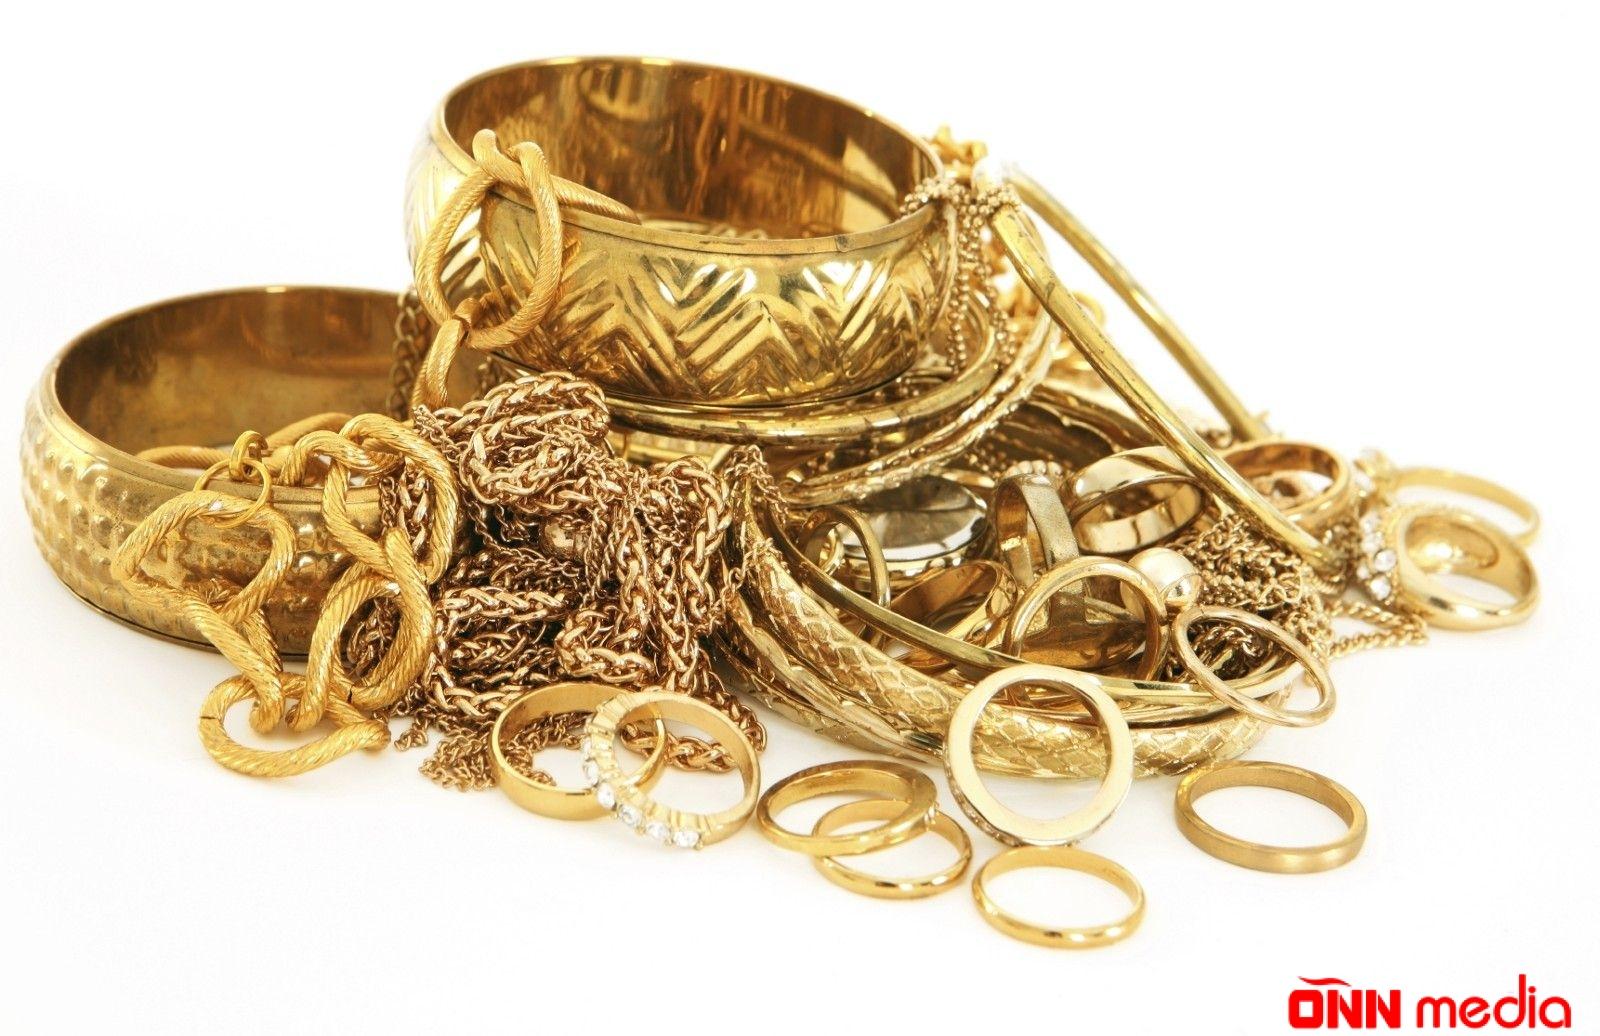 Ölkənin qızıl-gümüş bazarında QİYMƏTLƏRİ…